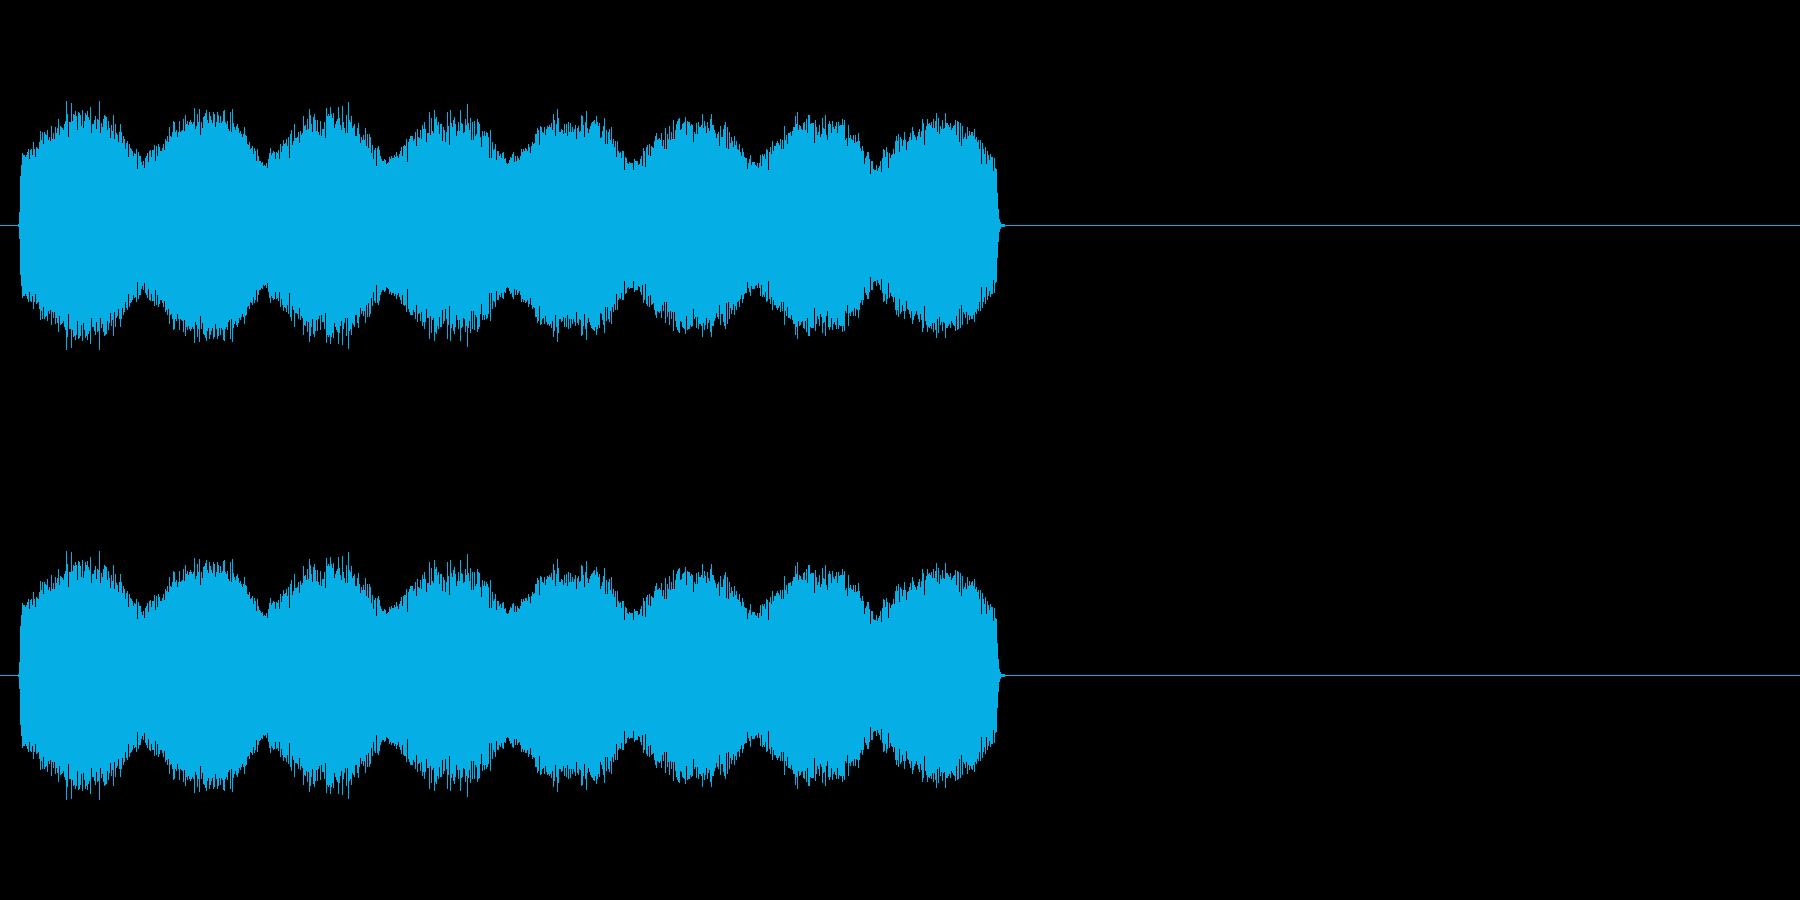 ゴニョゴニョ・・・(放送禁止、伏せ音)の再生済みの波形